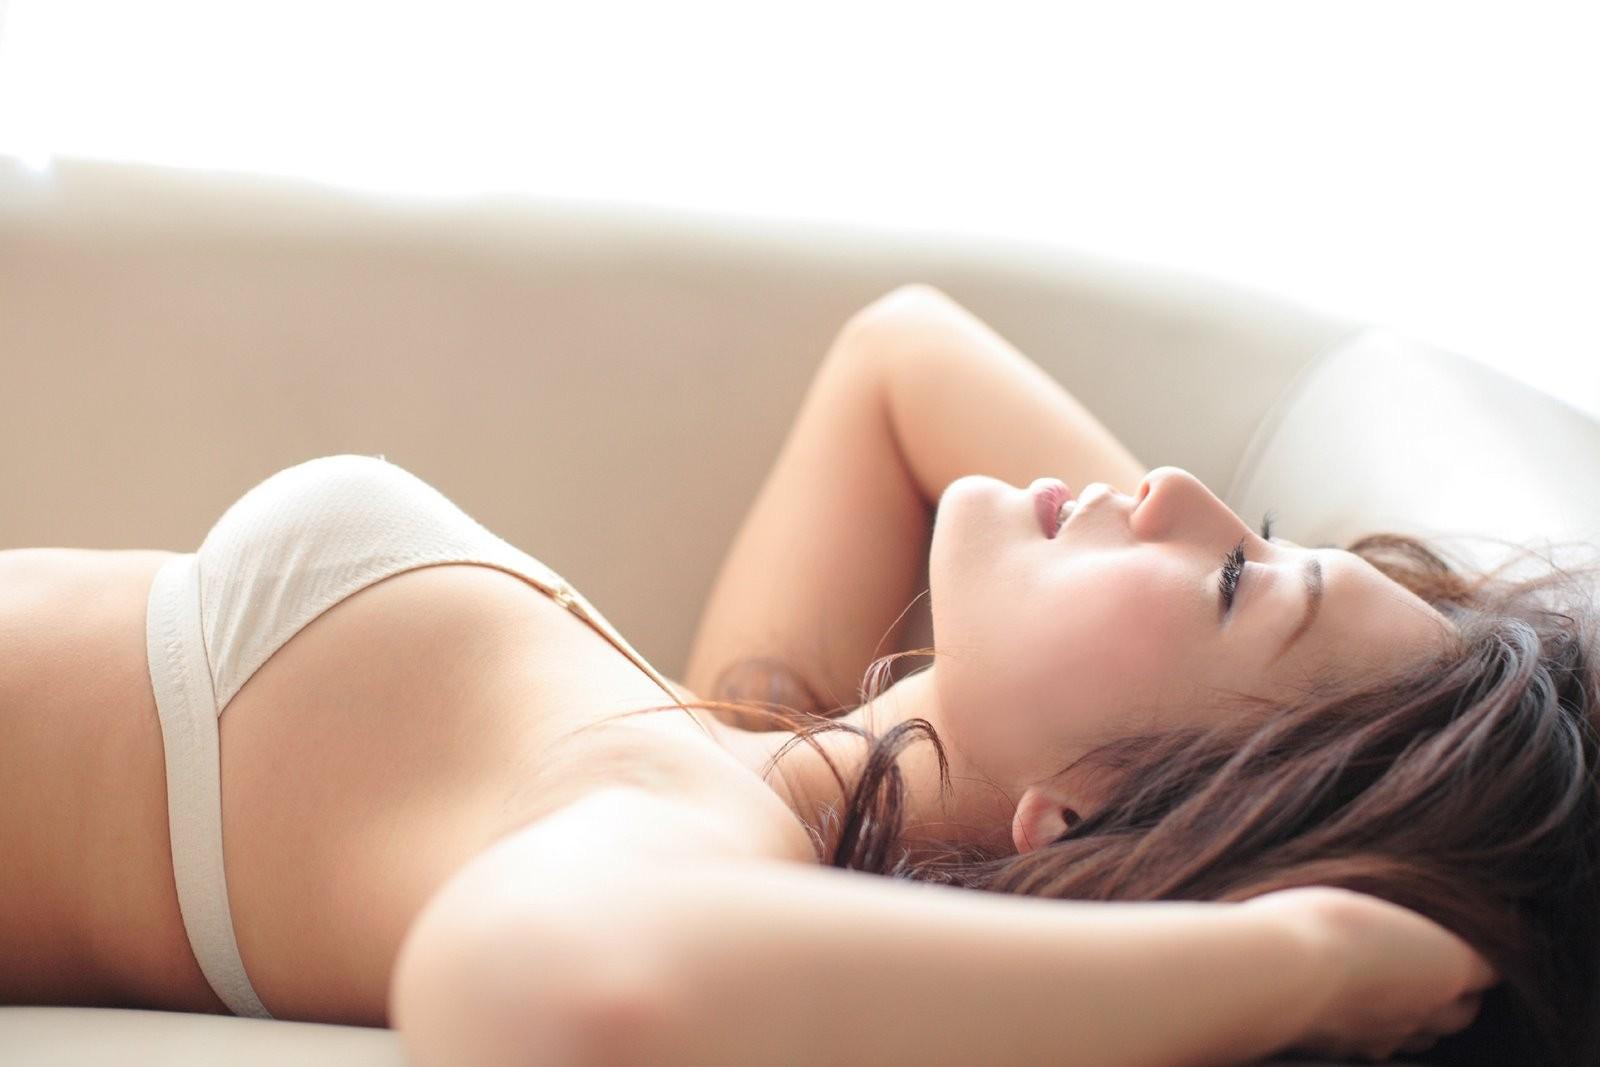 【腋フェチエロ画像】生乳はいいから…百歩譲っても舐めたい美女の腋www 13